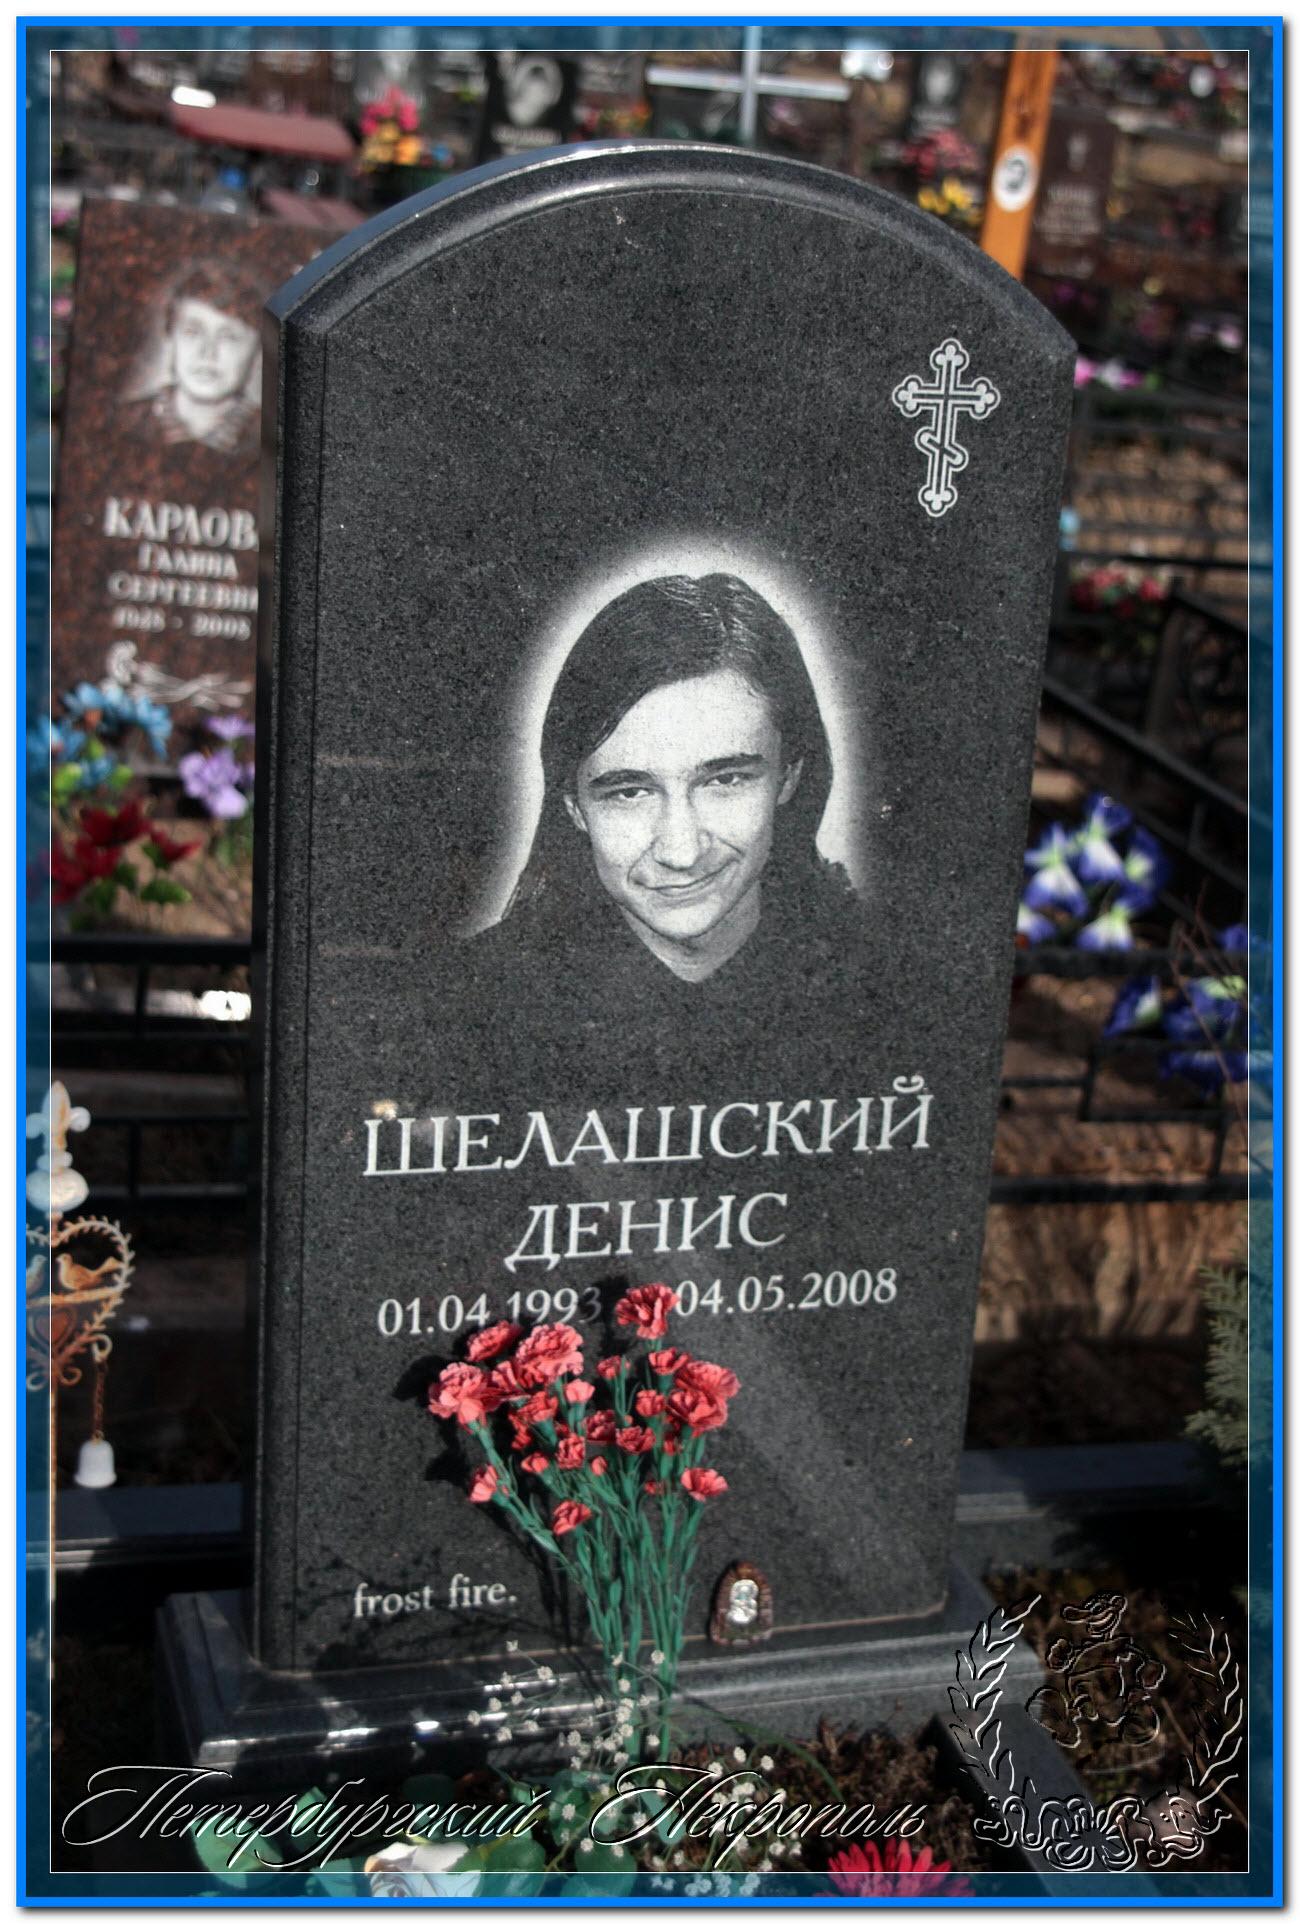 © Шелашский Денис